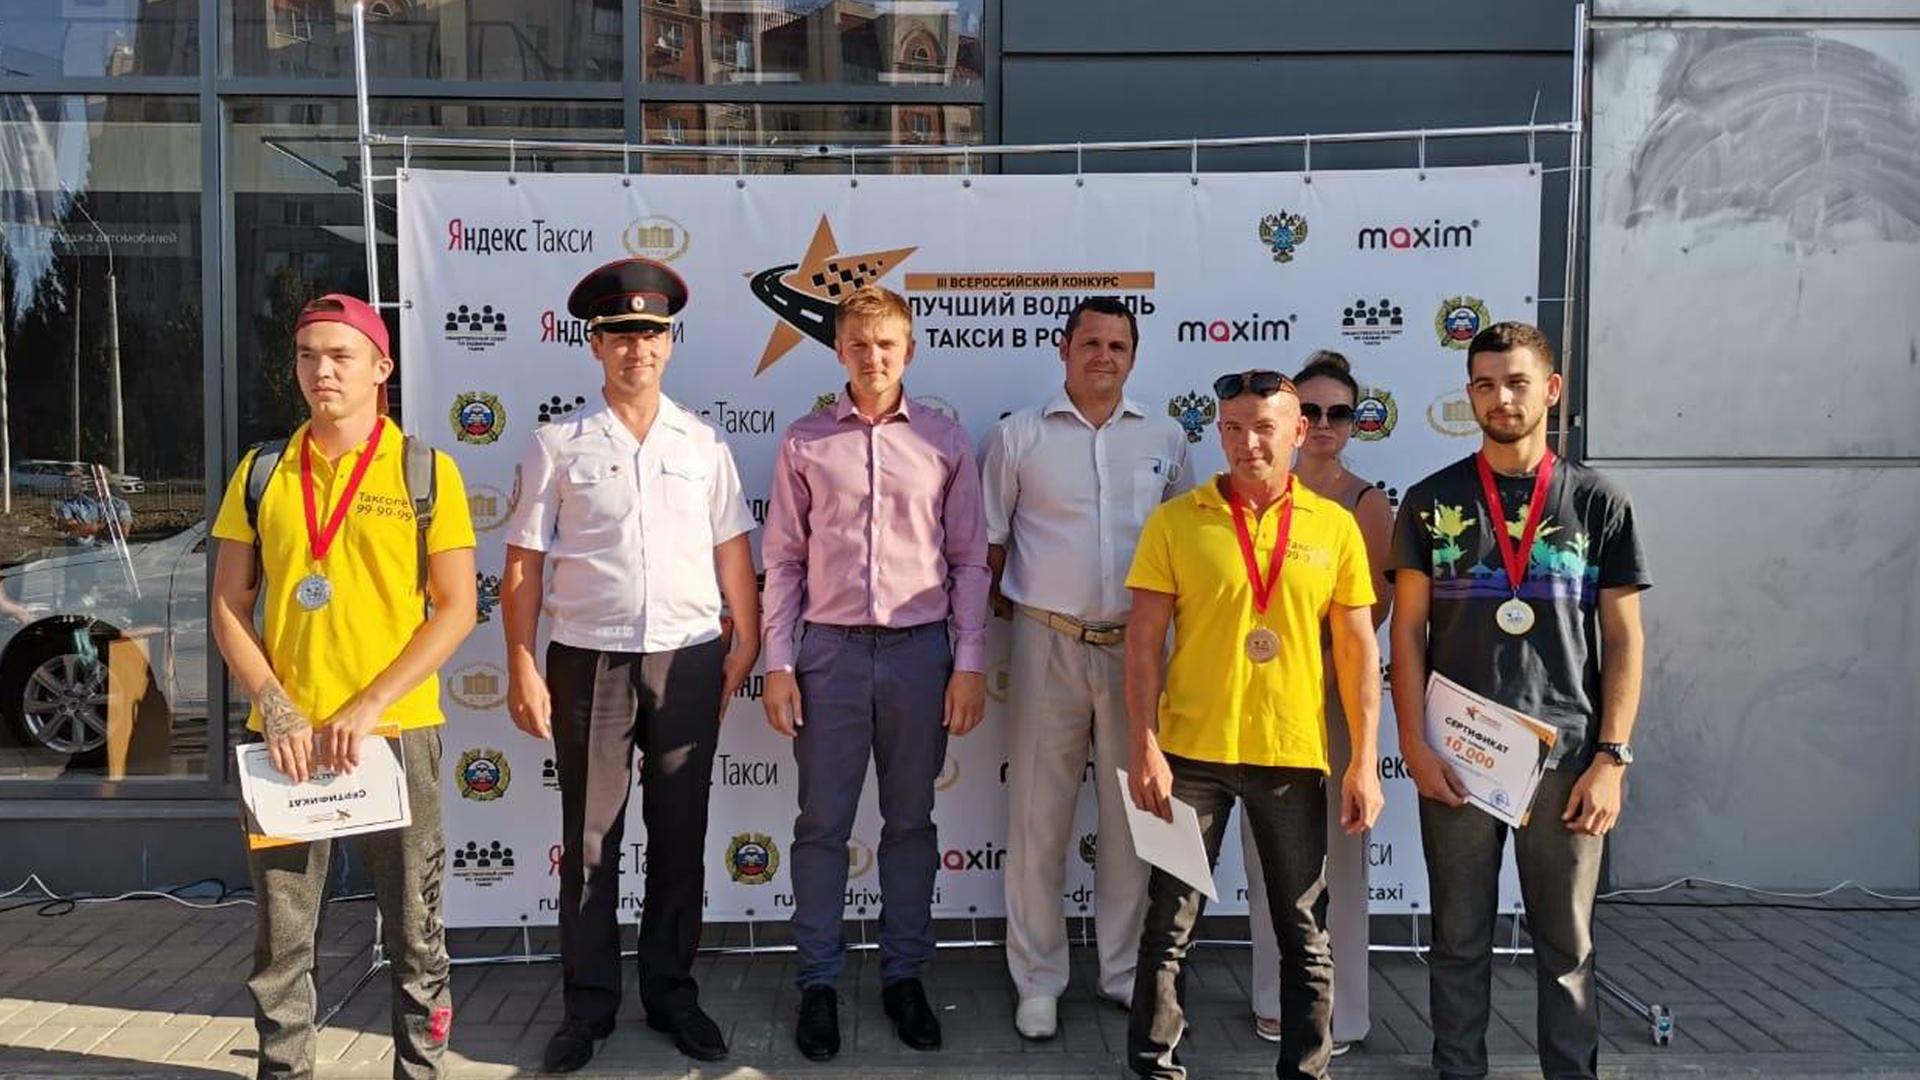 В Астраханской области прошел региональный этап Всероссийского конкурса «Лучший водитель такси в России — 2020».